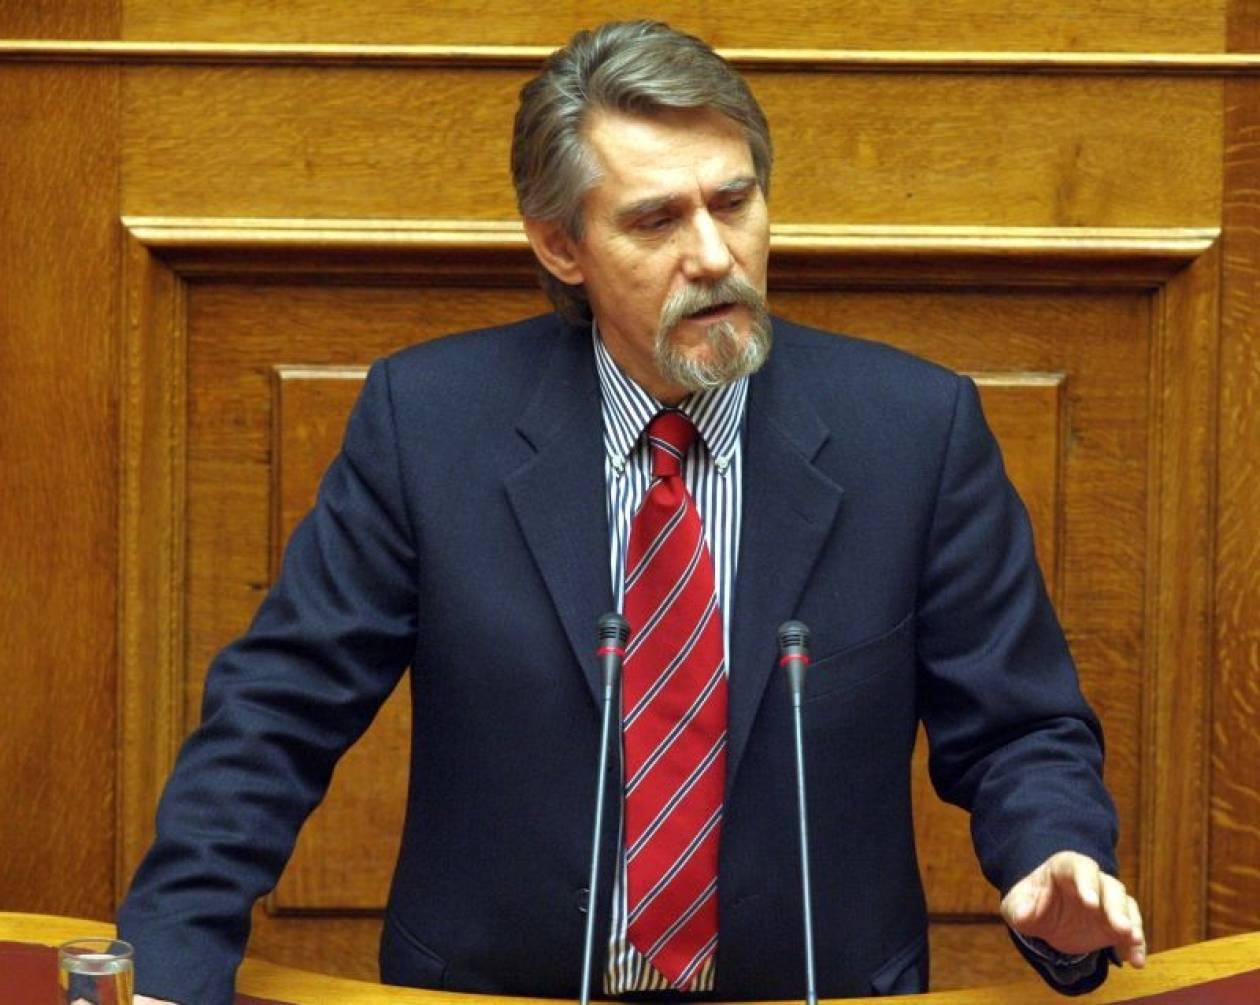 Ν. Σαλαγιάννης: «Μίζερη η σύνθεση της νέας κυβέρνησης»